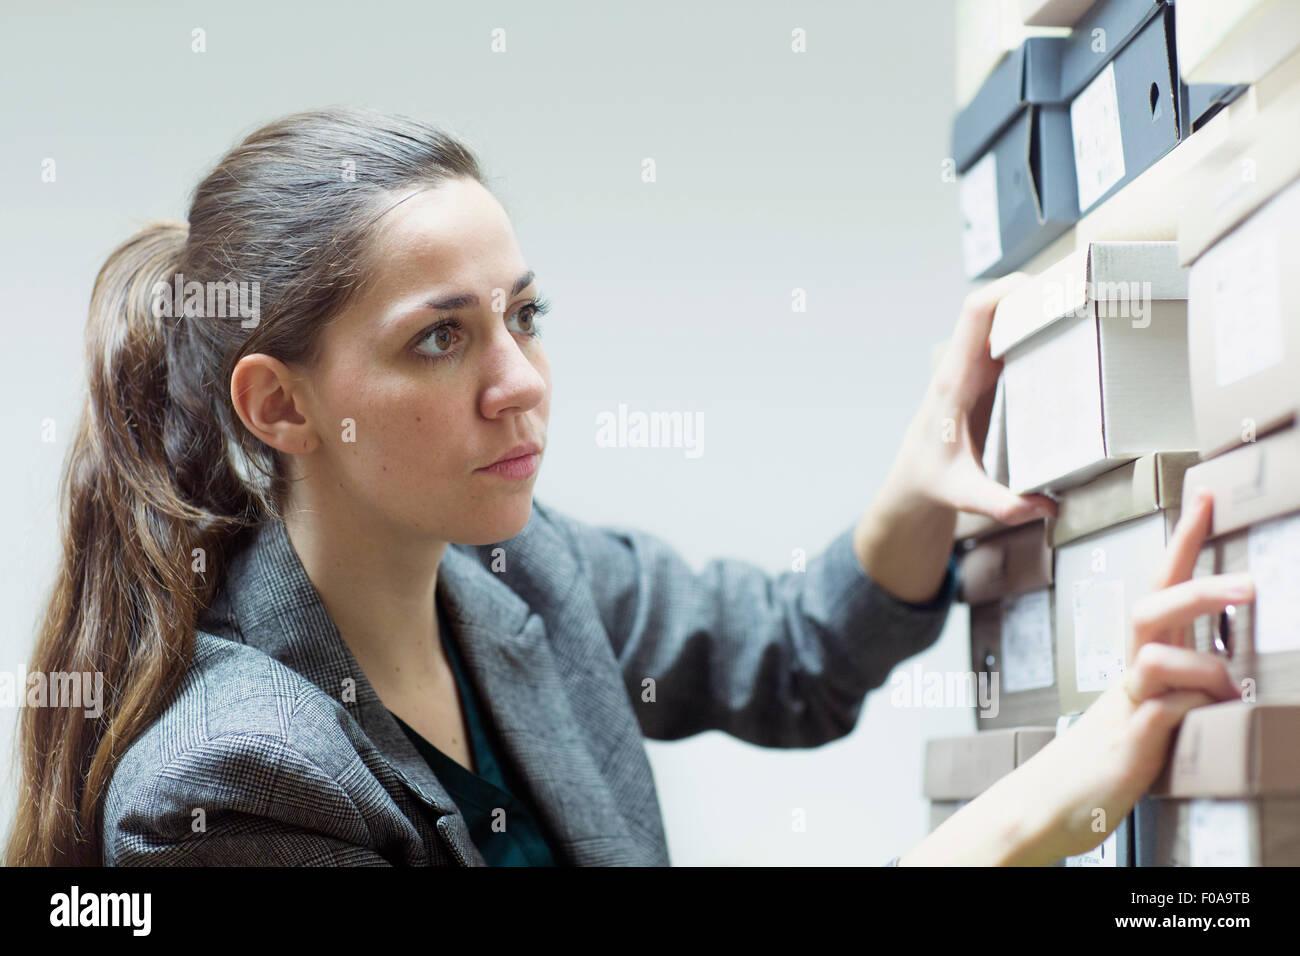 Asistente de ventas femenino buscando caja de zapatos en la zapatería stockroom Imagen De Stock